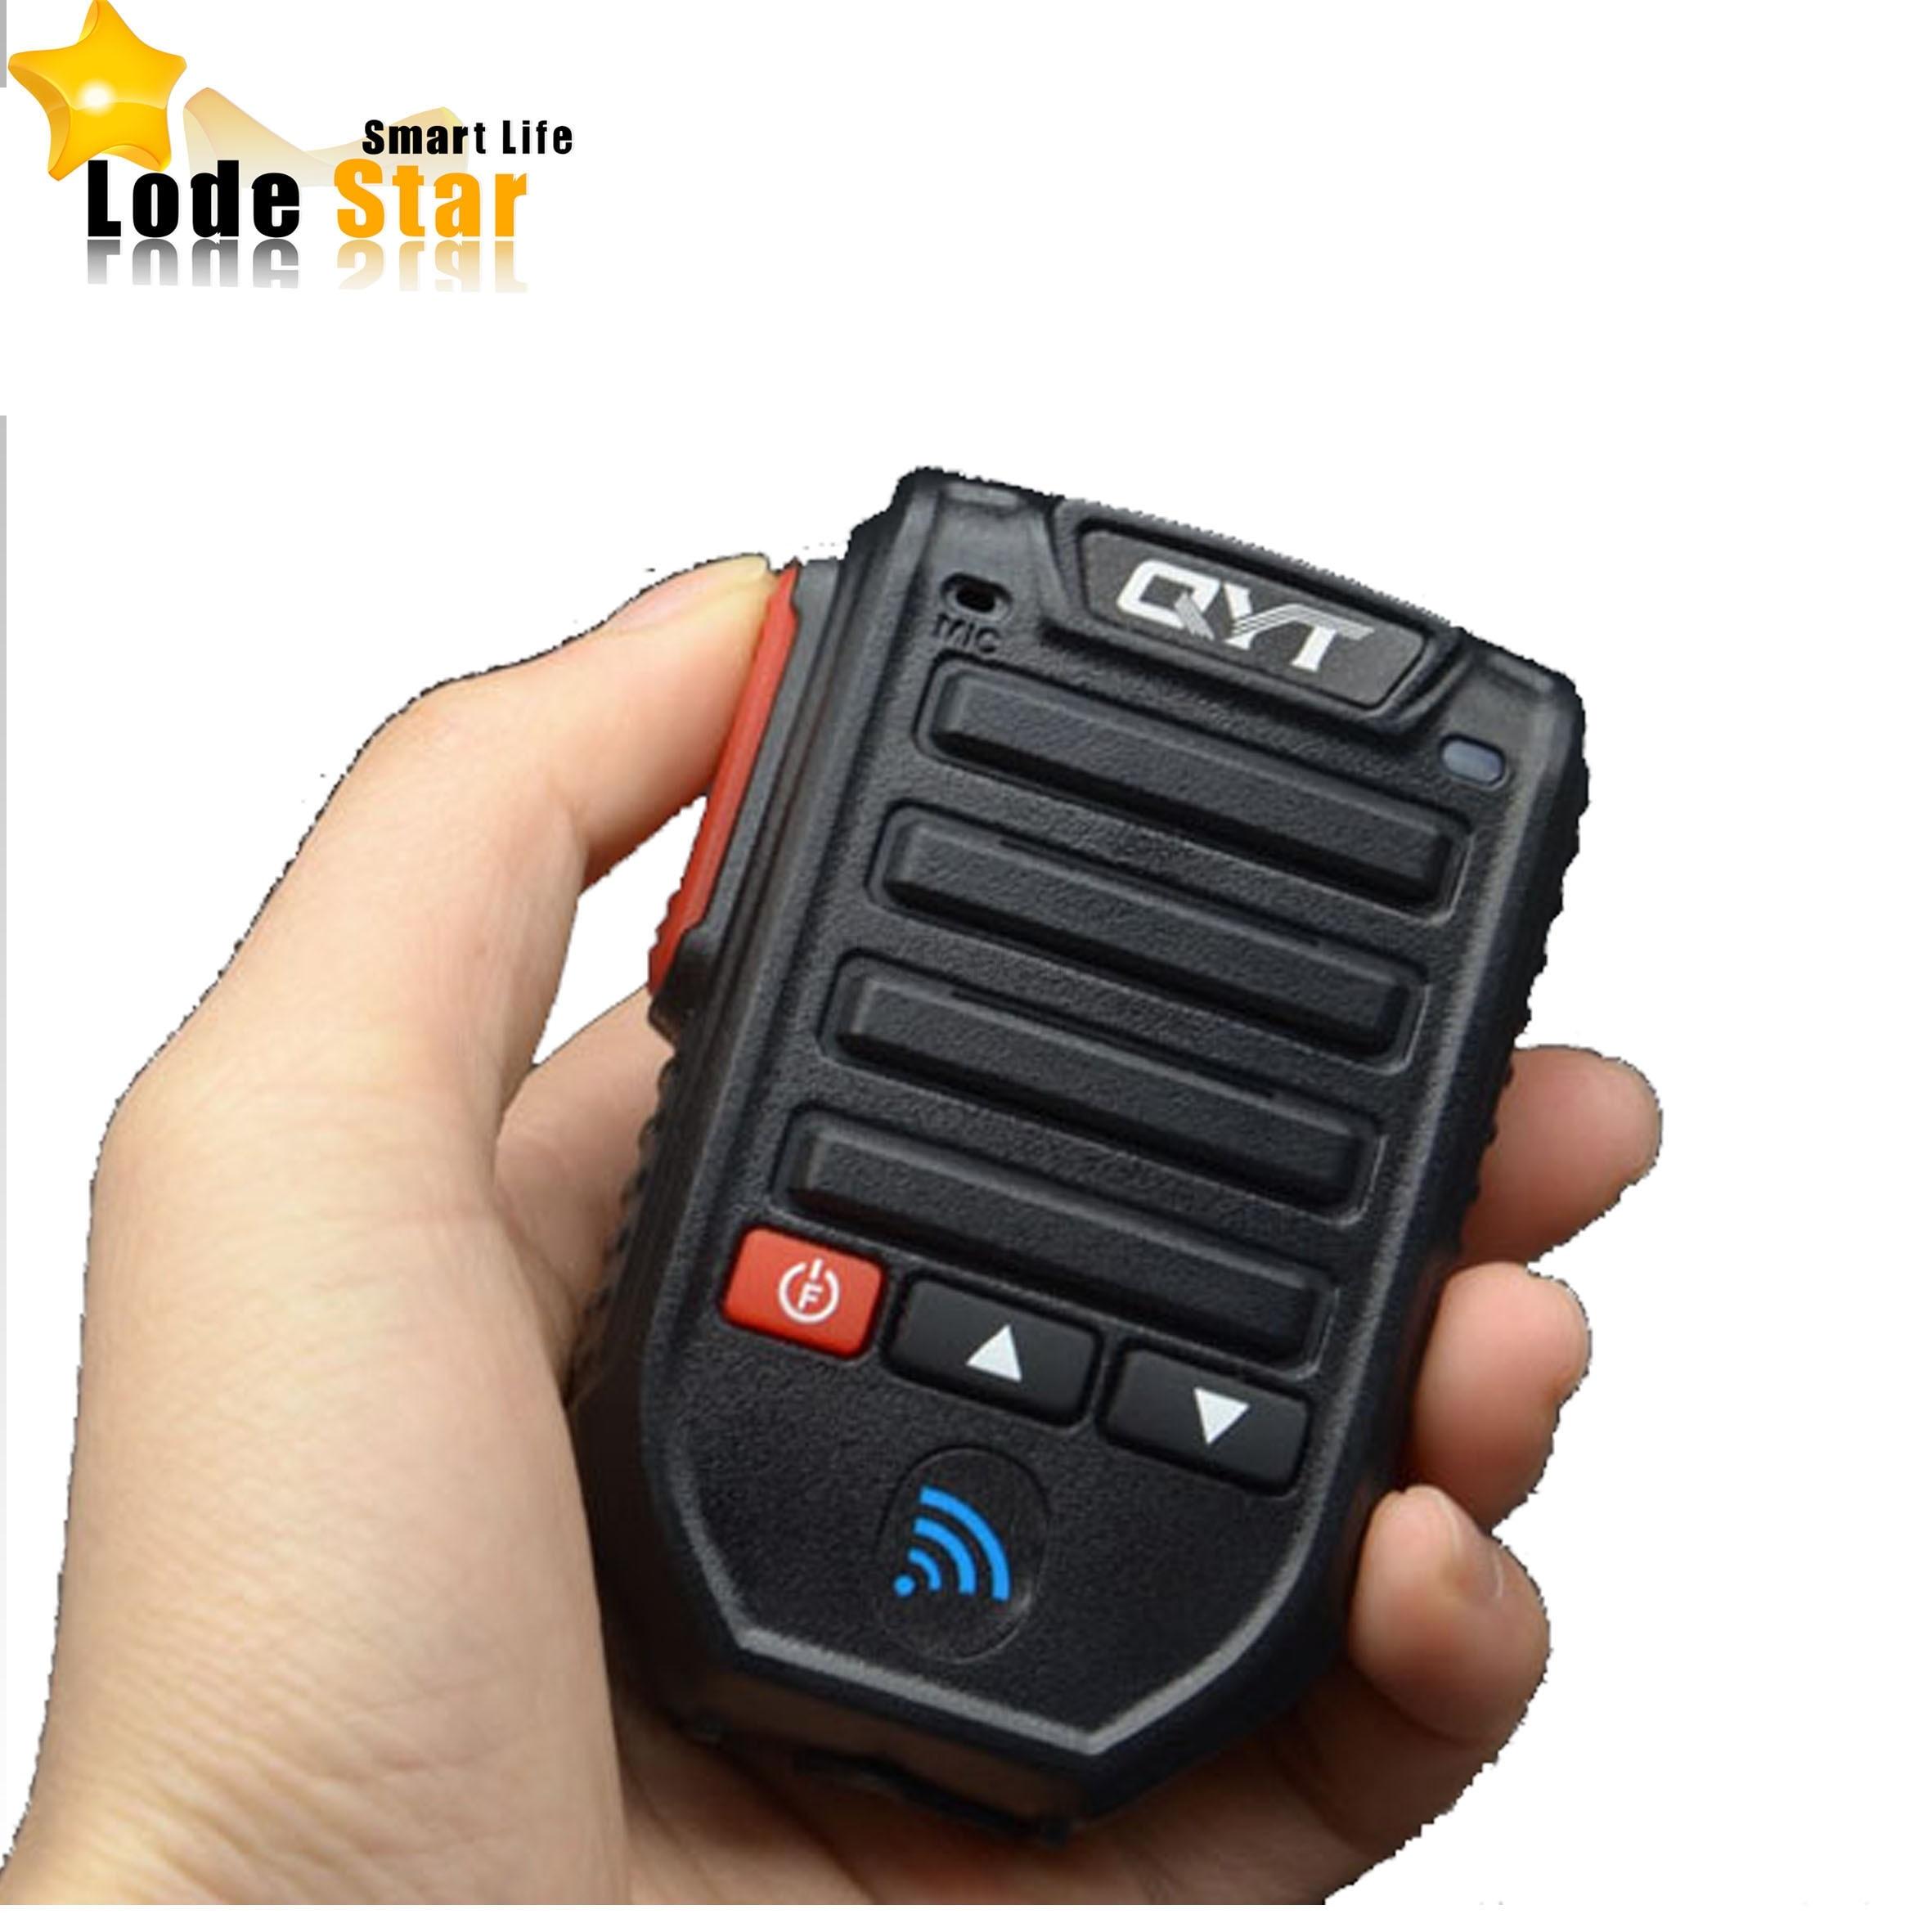 imágenes para Nueva bt-89 bt89 manos libres bluetooth inalámbrico micrófono de mano micrófono altavoz para qyt kt-7900d kt-8900d car mobile radio walkie